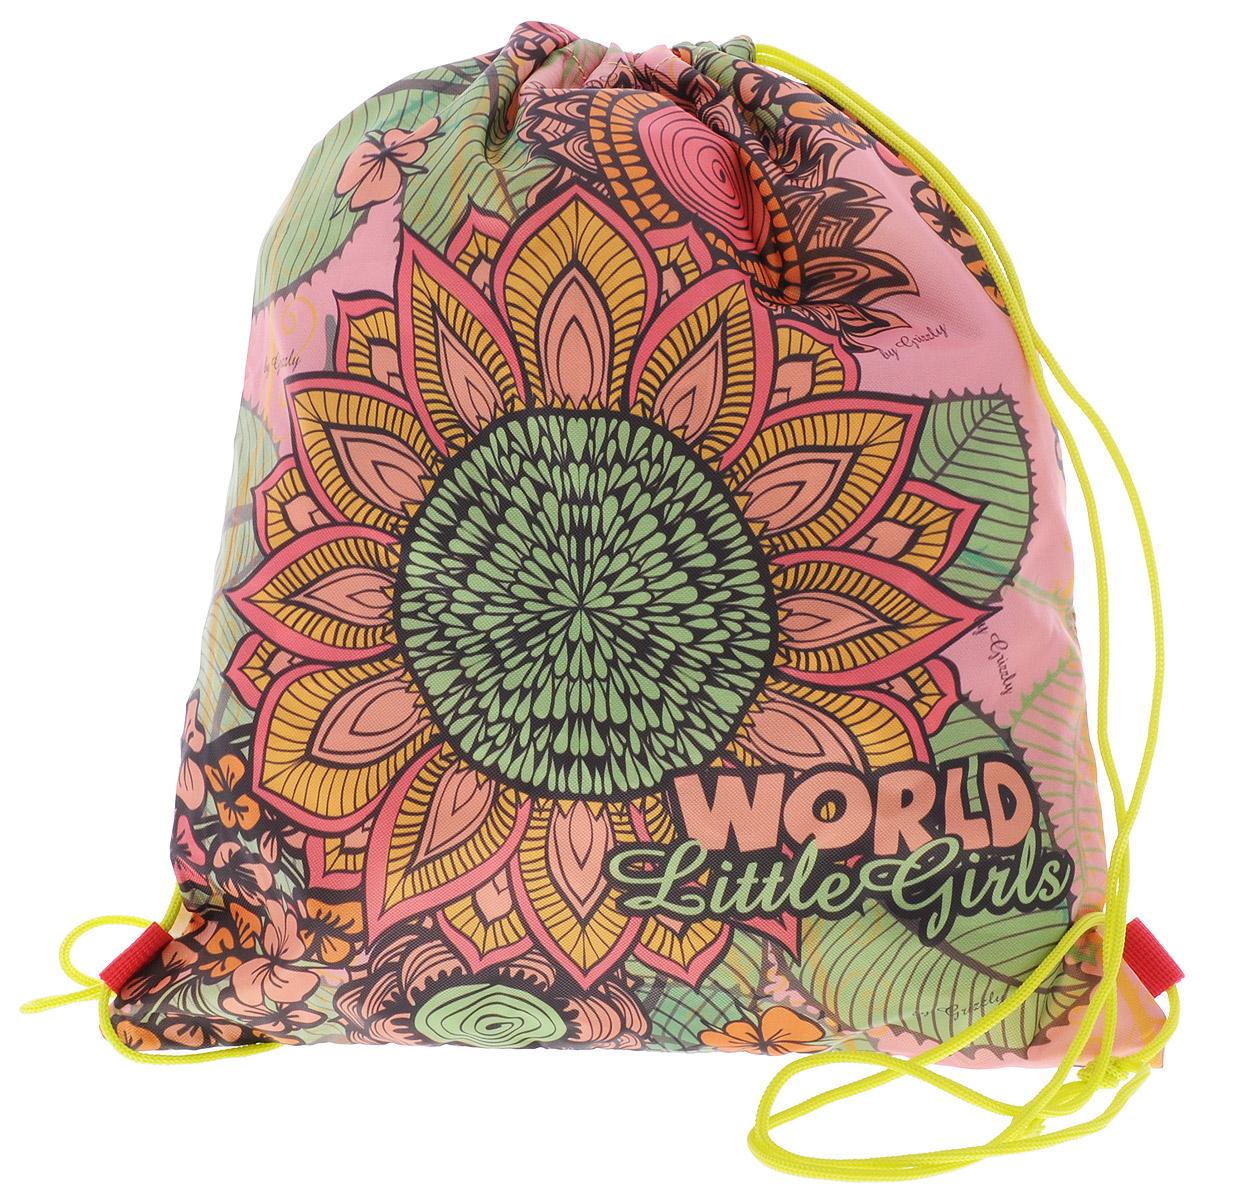 Grizzly Мешок для обуви World Little Girls цвет бежевый розовый зеленыйOM-676-4/1Мешок для обуви Grizzly World Little Girls идеально подойдет как для хранения, так и для переноски сменной обуви и одежды.Мешок изготовлен из ткани Оксфорд с водоотталкивающей пропиткой и содержит одно вместительное отделение, затягивающееся с помощью текстильных шнурков. Плотная прочная ткань надежно защитит сменную обувь и одежду школьника от непогоды, а удобные шнурки позволят носить мешок, как в руках, так и за спиной.Ваш ребенок с радостью будет ходить с таким аксессуаром в школу!Уход: протирать мыльным раствором (без хлора) при температуре не выше 30 градусов.